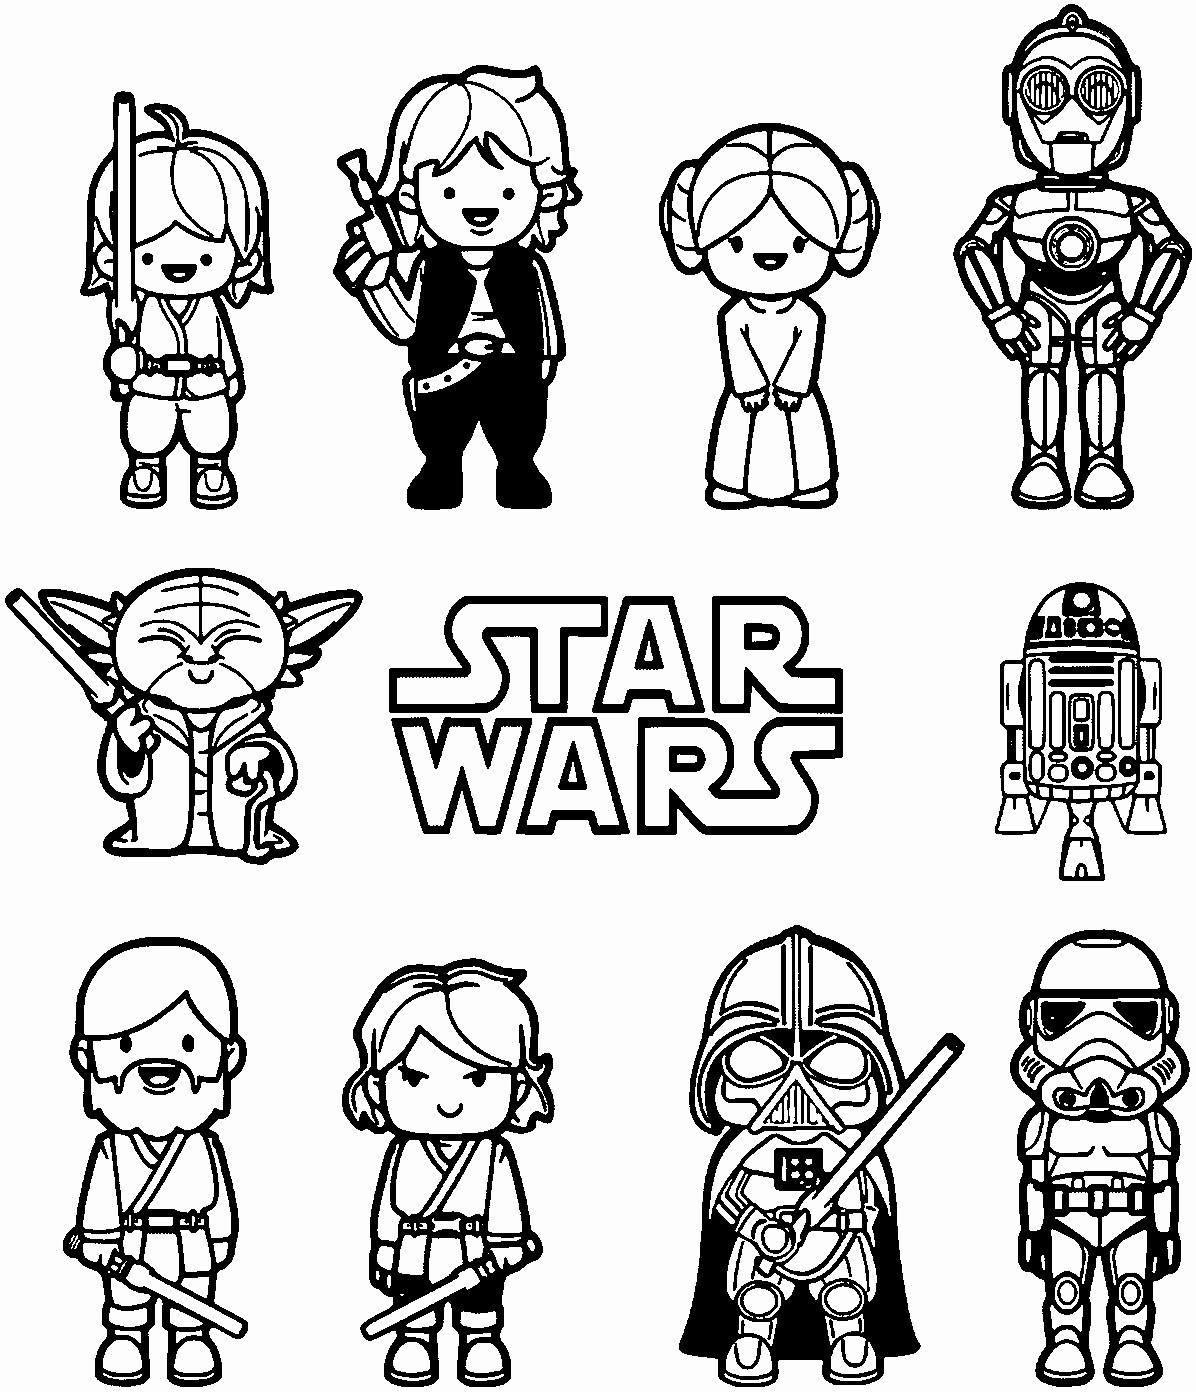 Ausmalbilder Star Wars Lego Neu 52 Malvorlagen Star Wars Lego Bild